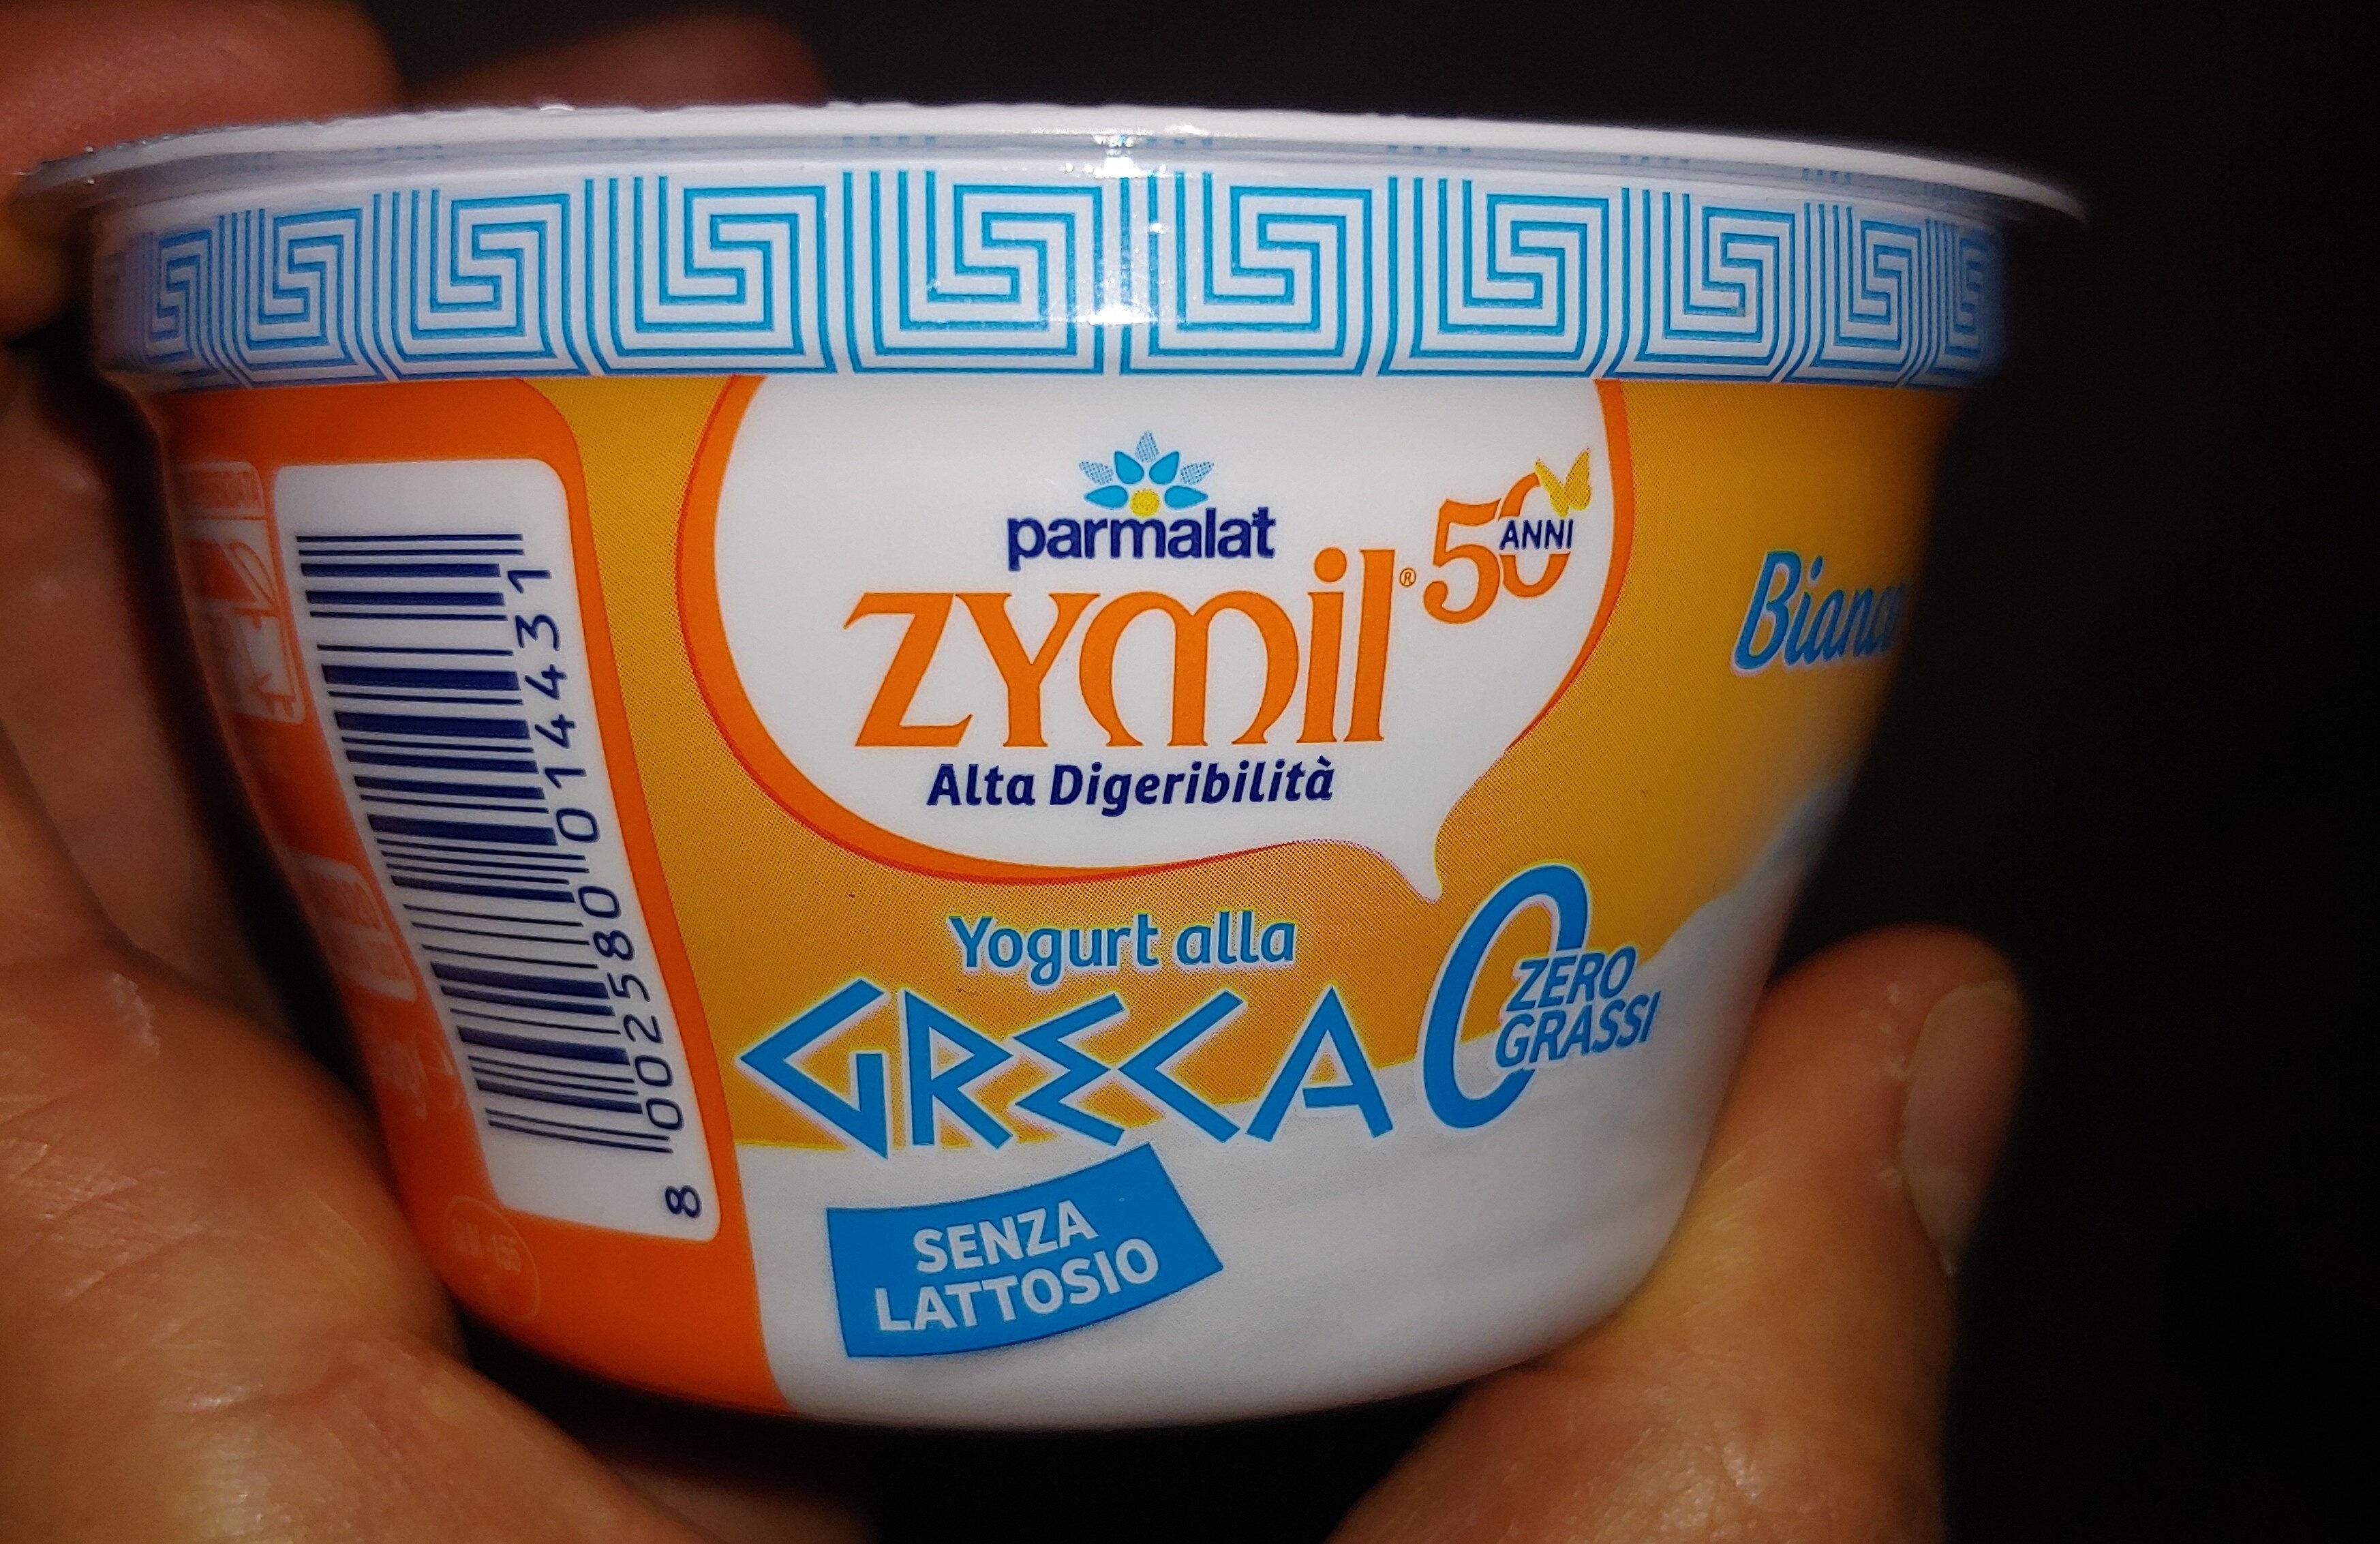 yogurt alla greca zero grassi senza lattosio - Product - it